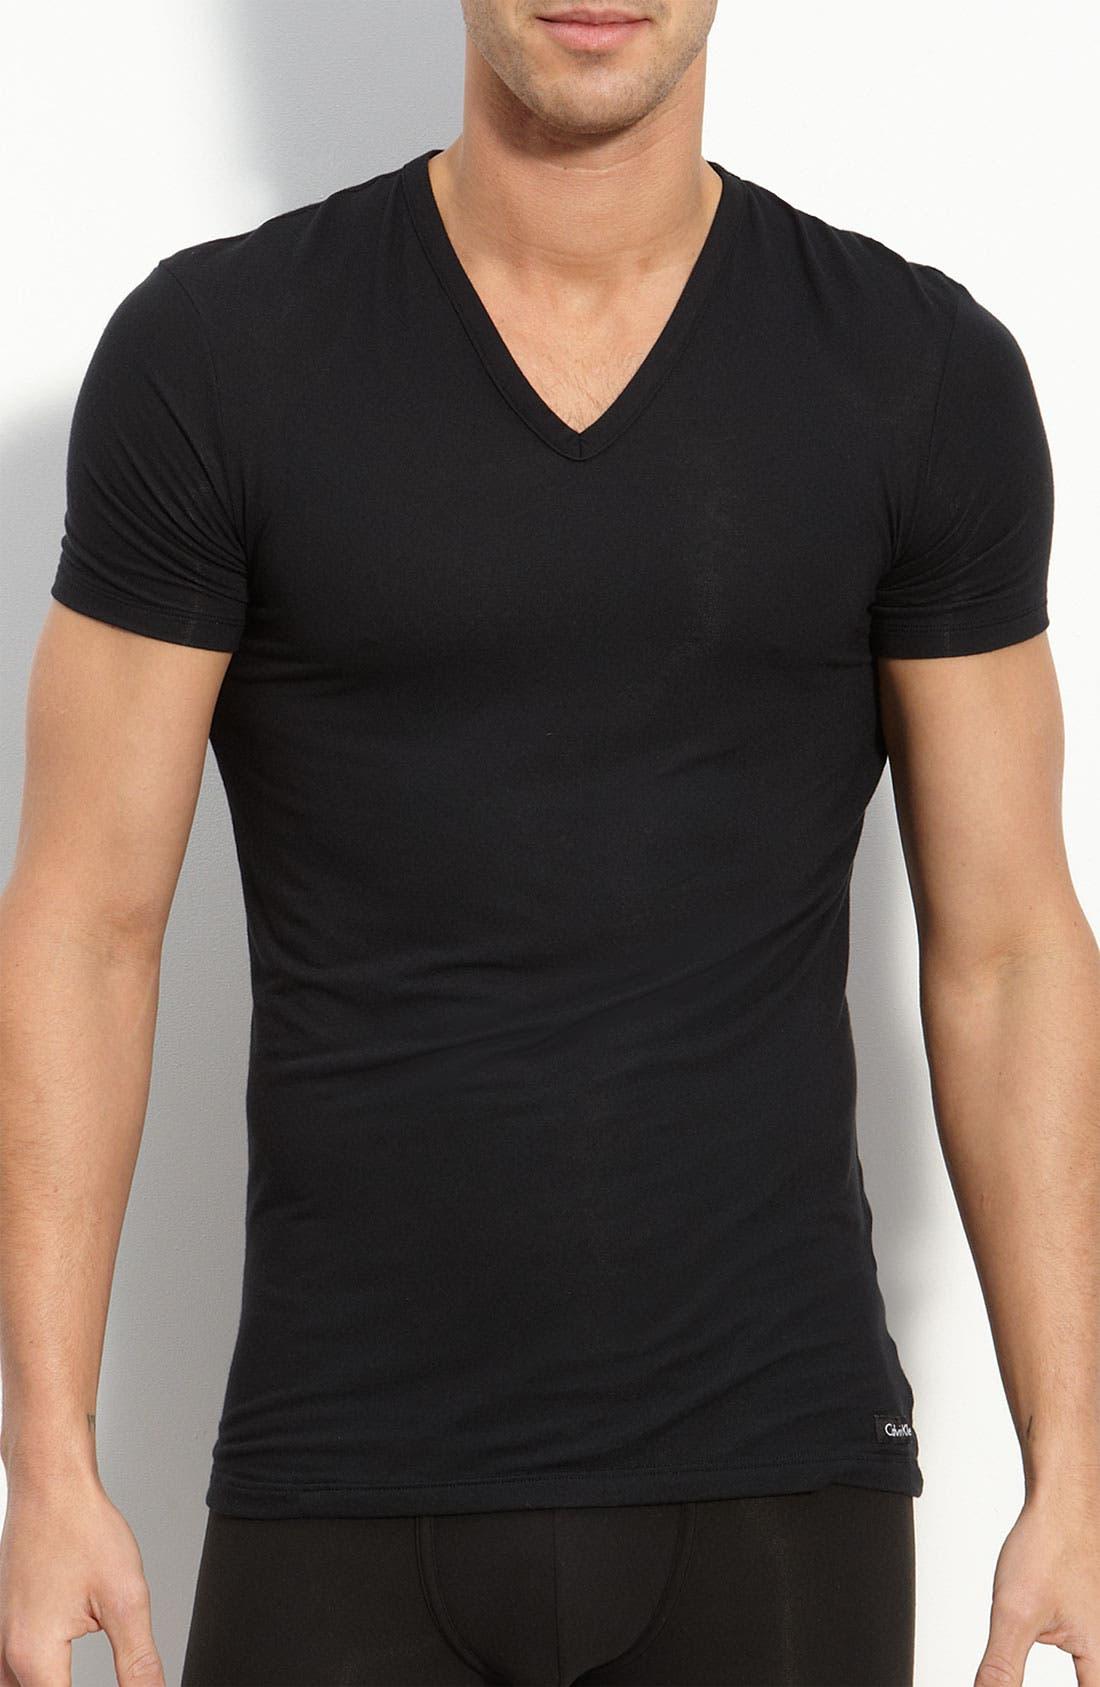 'U5563' V-Neck Micromodal T-Shirt,                             Main thumbnail 1, color,                             Black